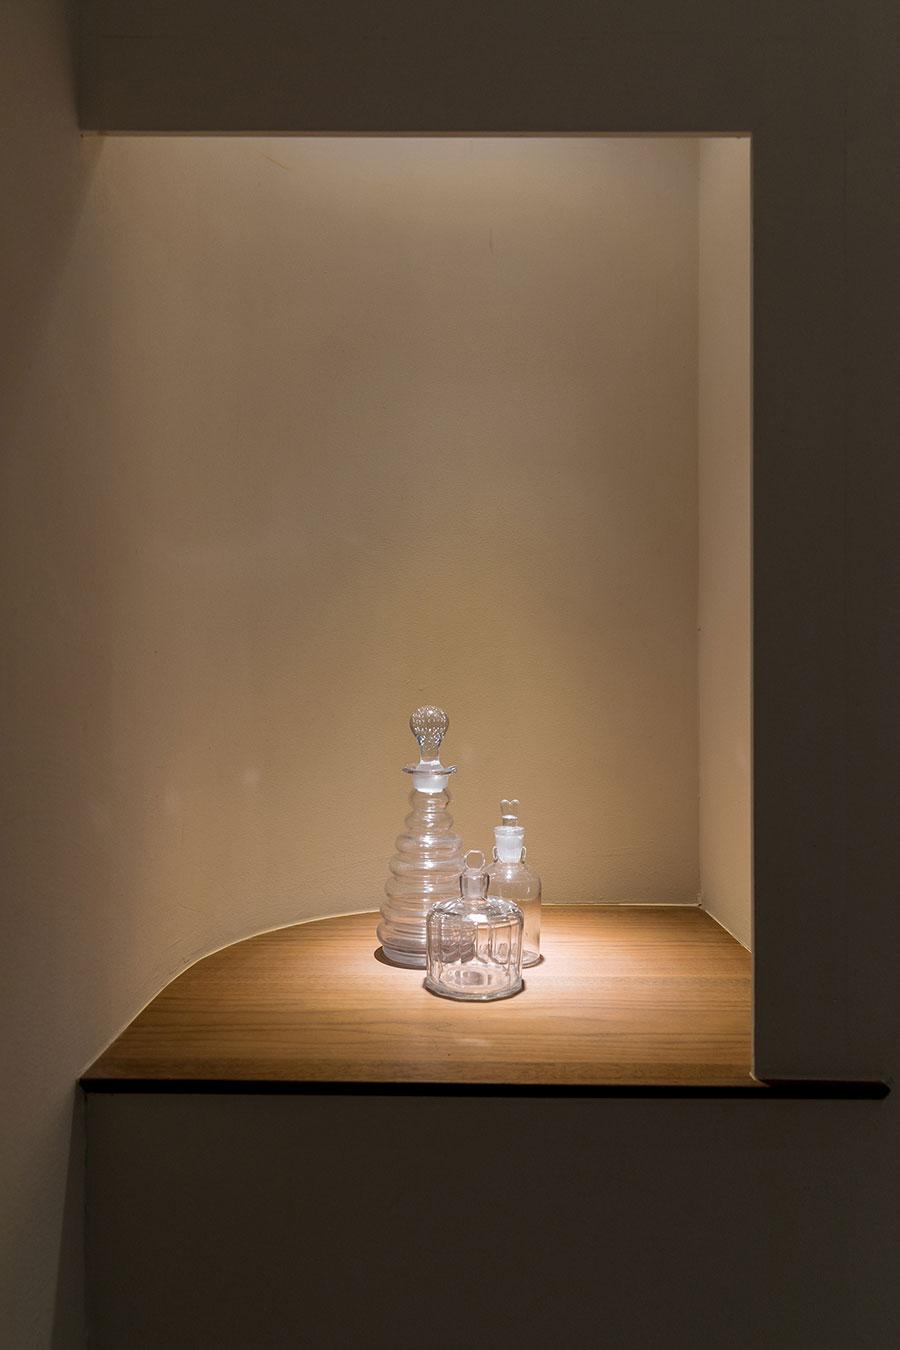 トイレ内の飾り棚は、スポットライトでドラマチックに演出。季節に合わせて飾るものを変える。